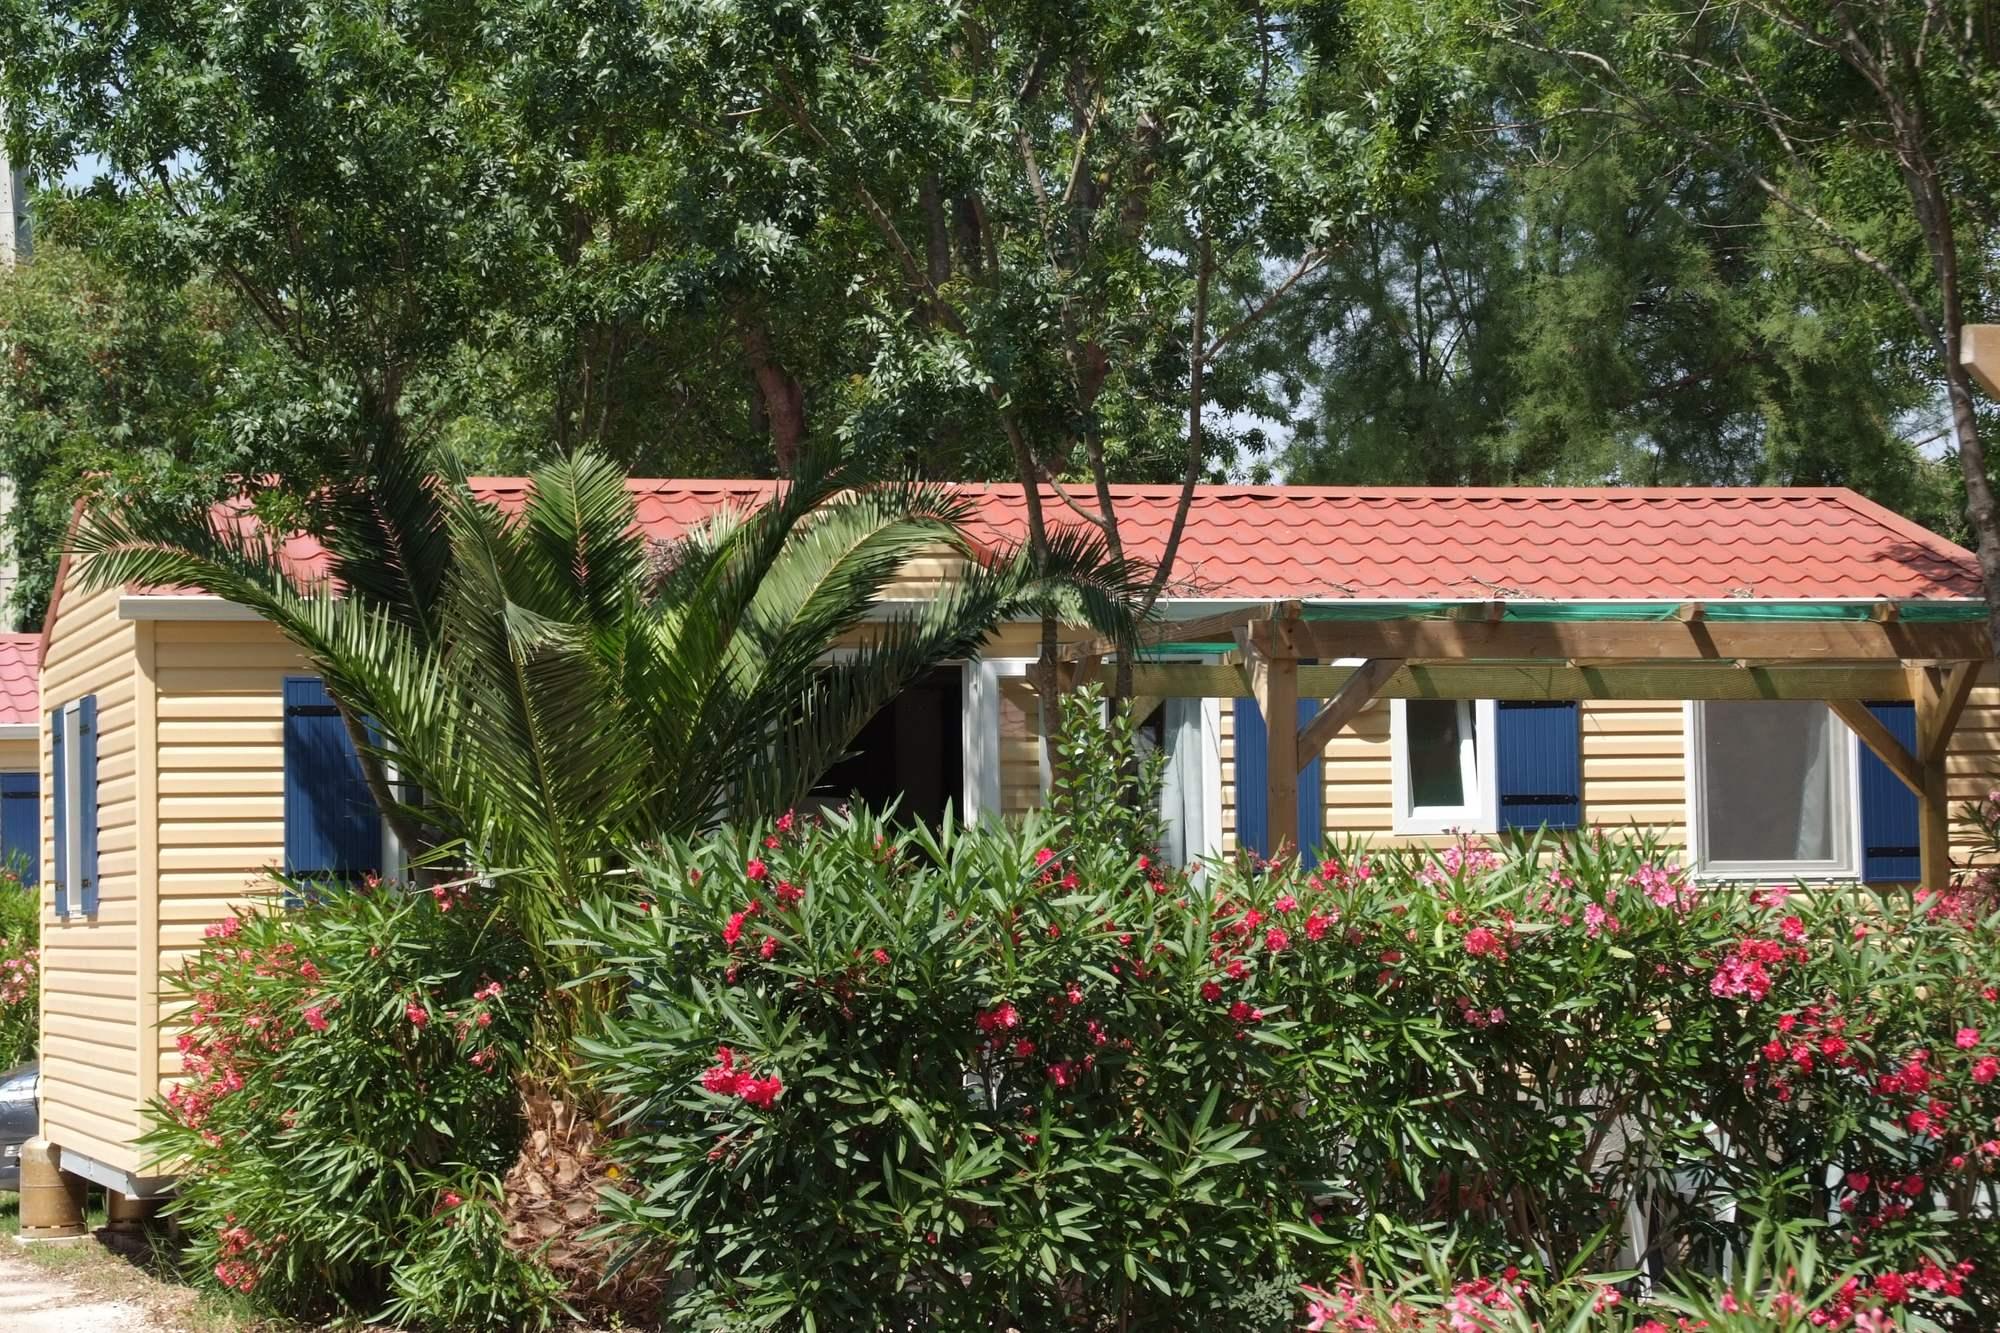 Camping Port Pothuau 224 Hy 232 Res Camping 4 233 Toiles Office De Tourisme D Hy 232 Res Porquerolles